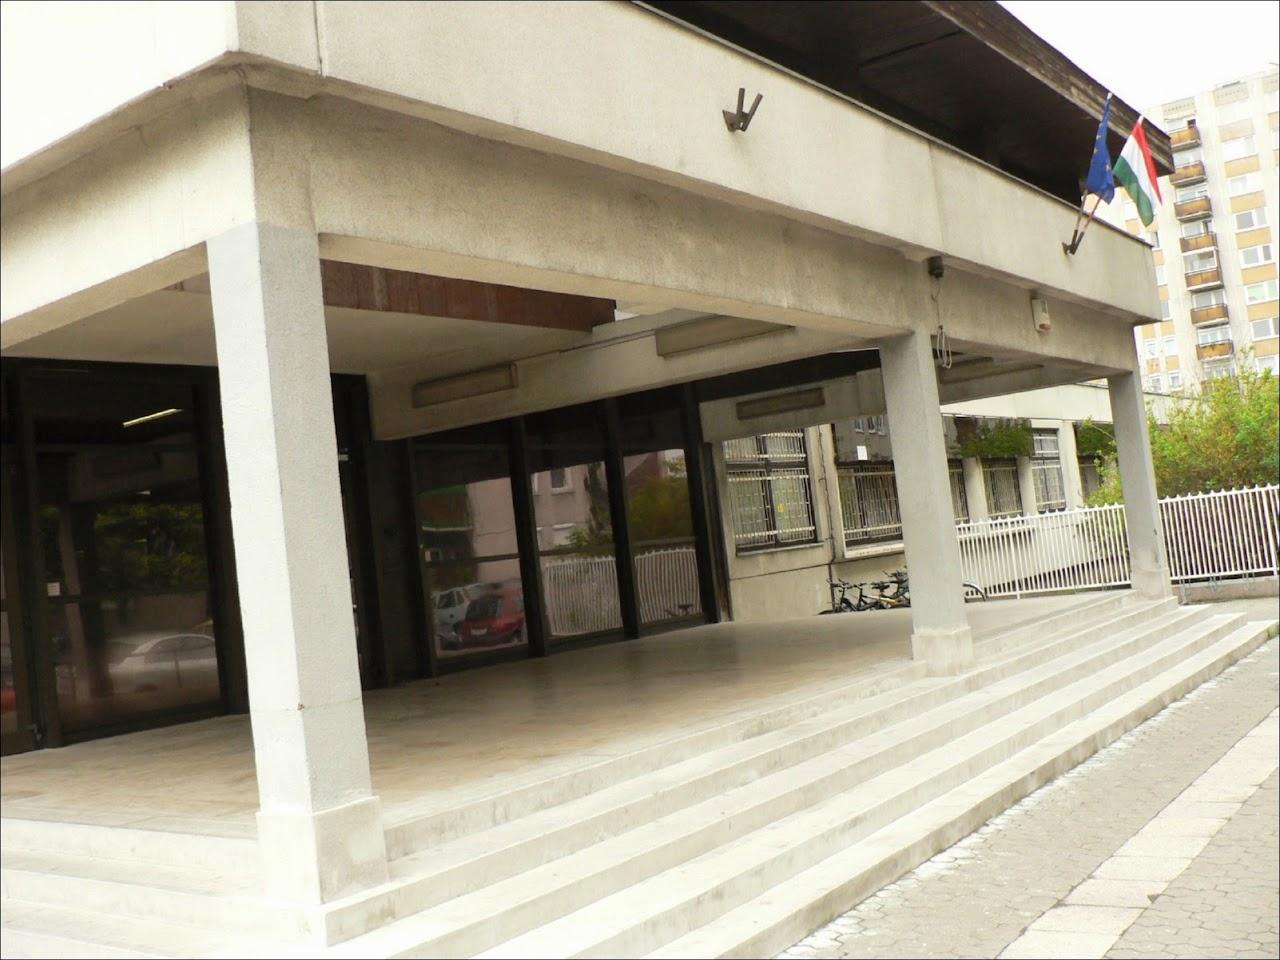 Képek az iskoláról - image042.jpg